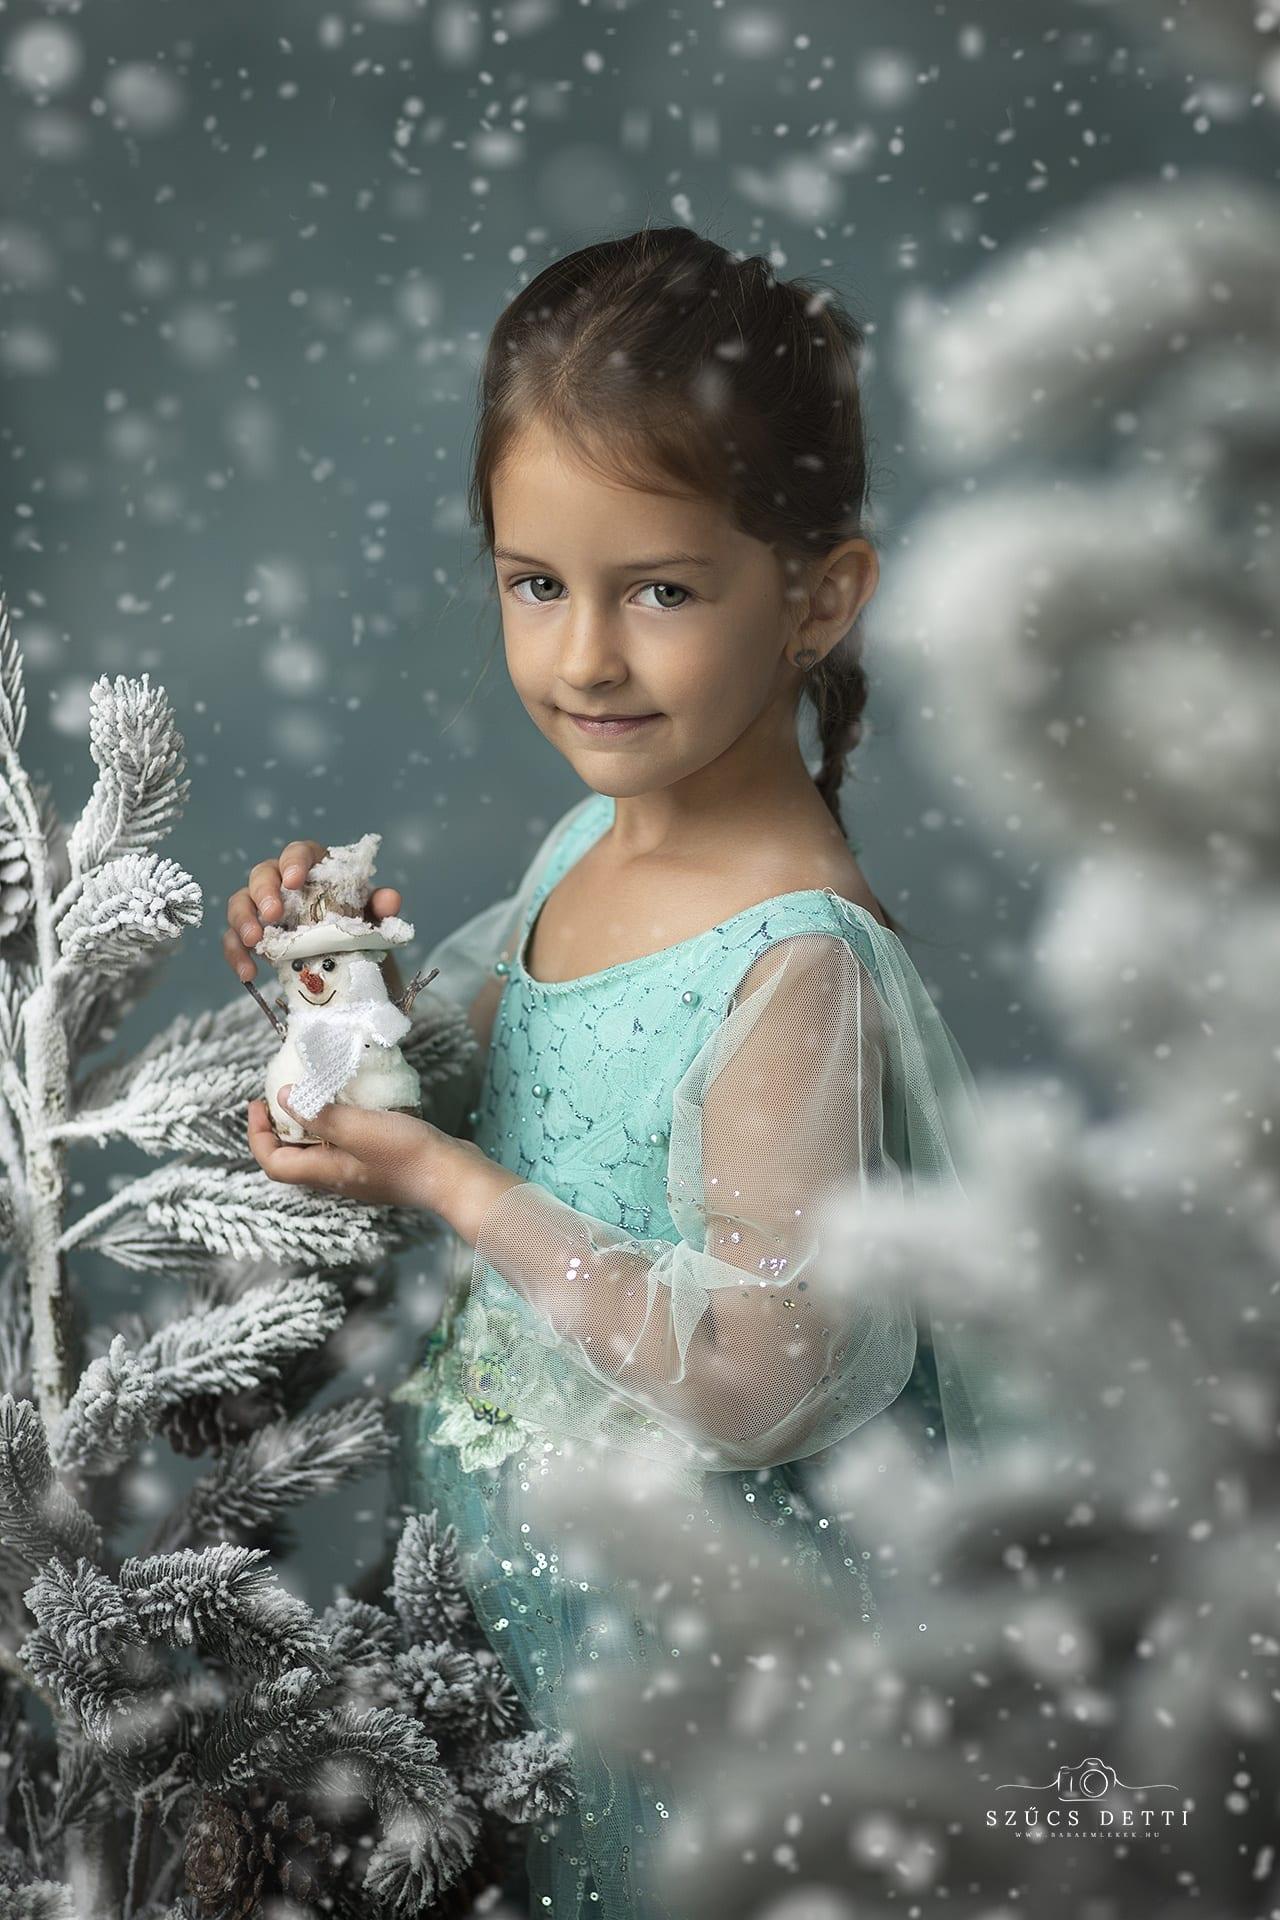 Karácsonyi gyermekfotózás bababarát budapesti fotóstúdióban